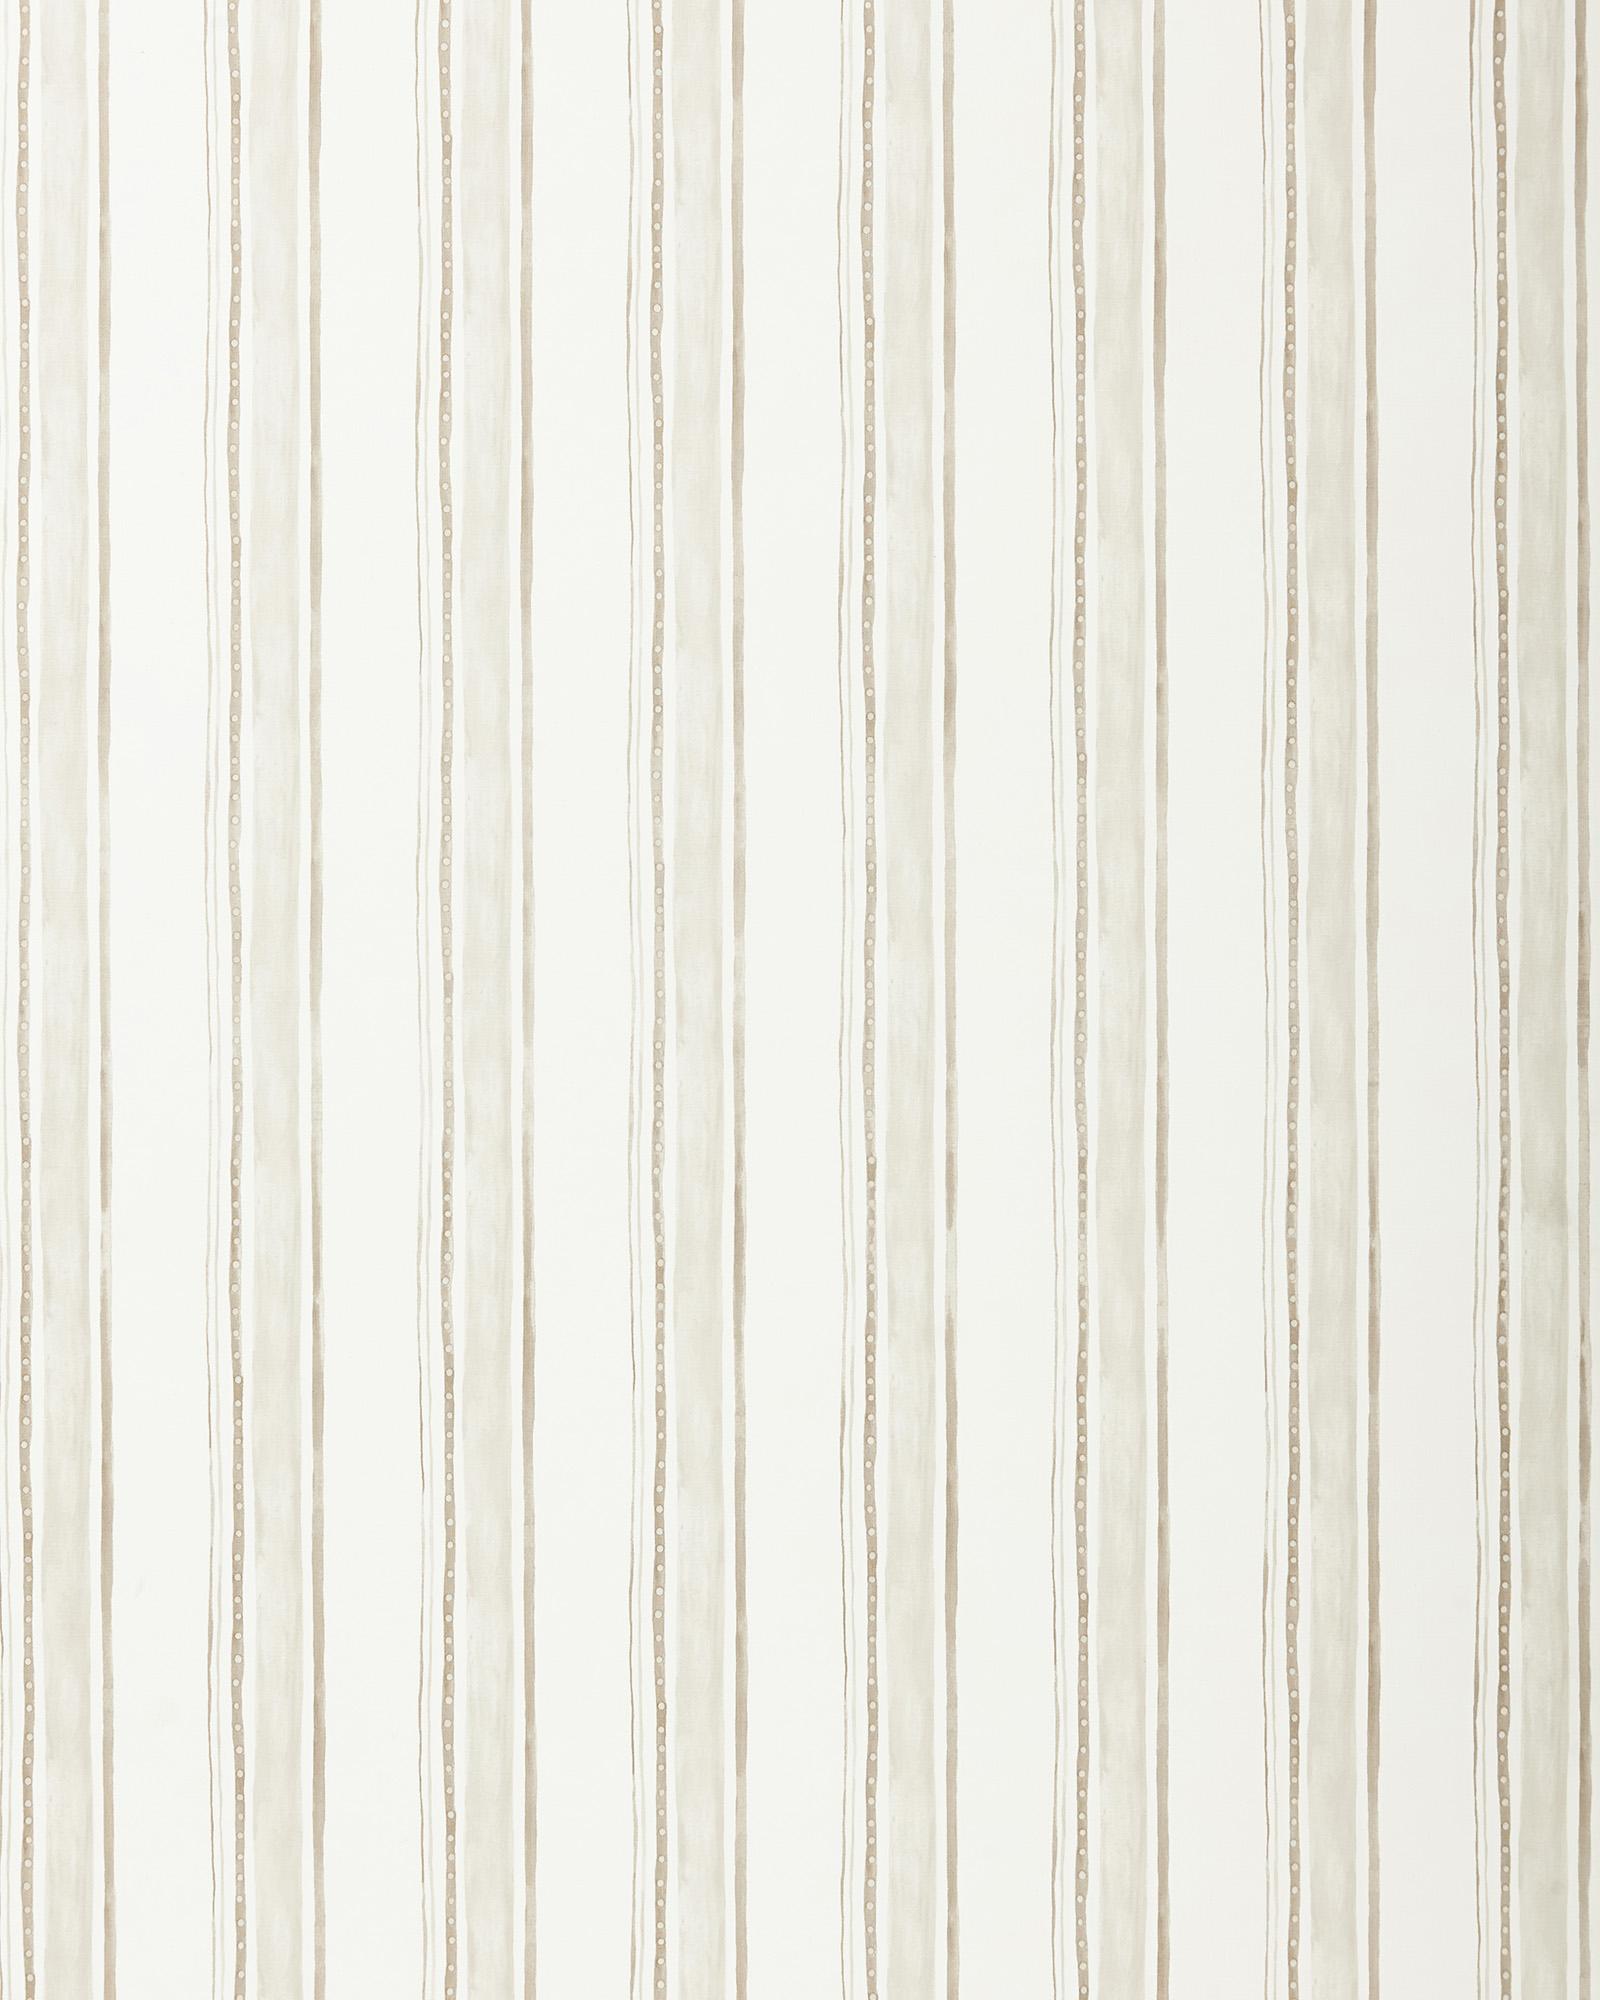 Wallpaper_Acadia_Stripe_Sand_Full_MV_0050_Crop_BASE.jpg